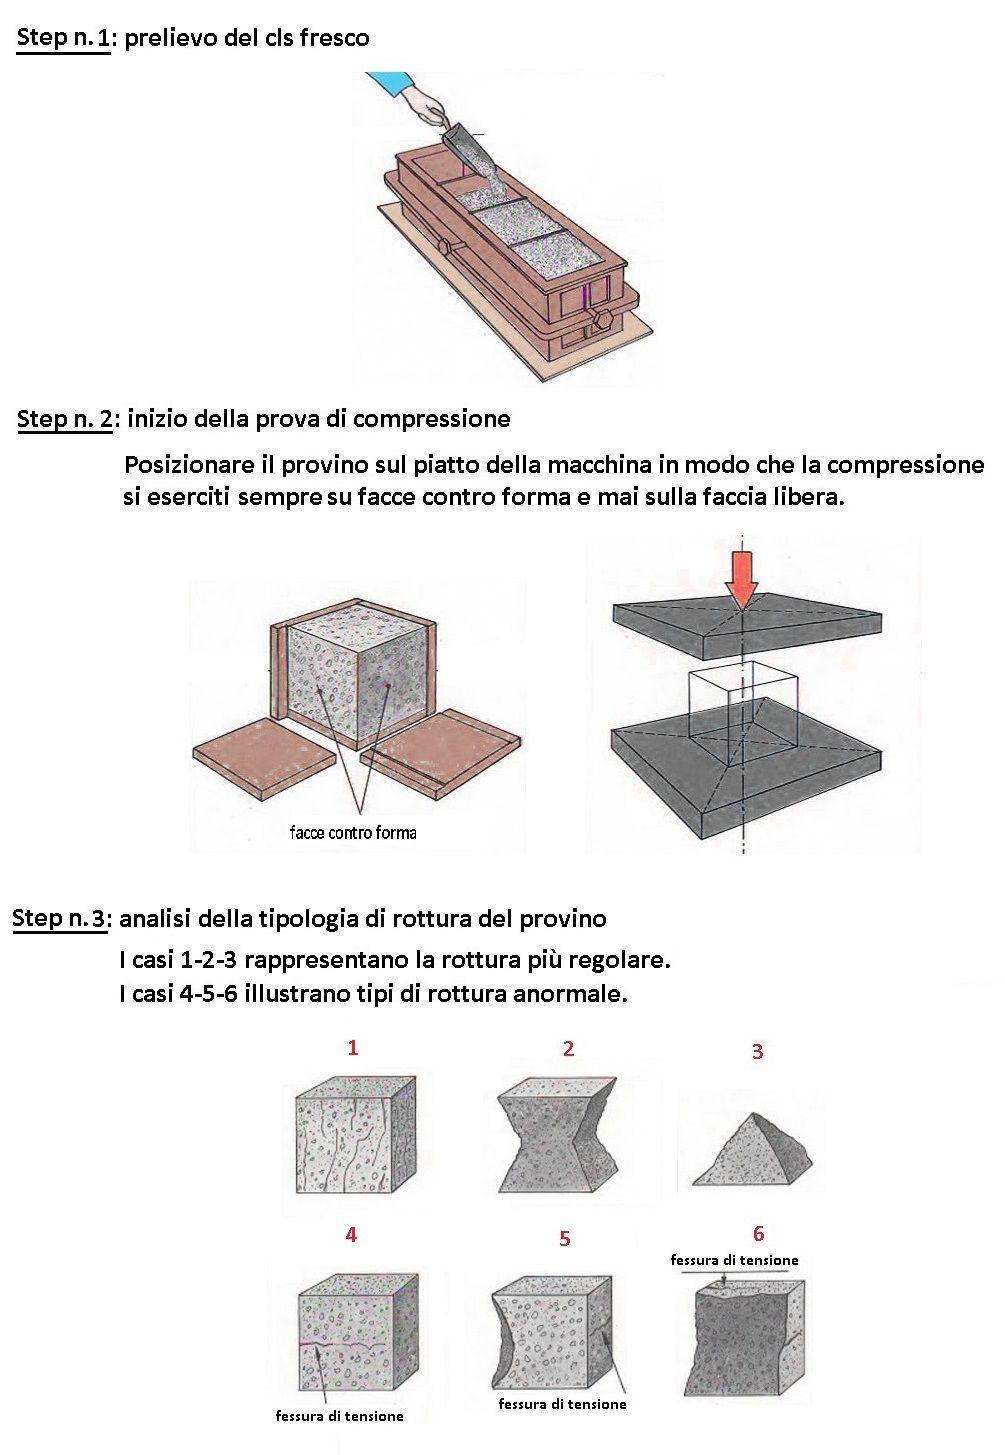 Step prova di compressione cls